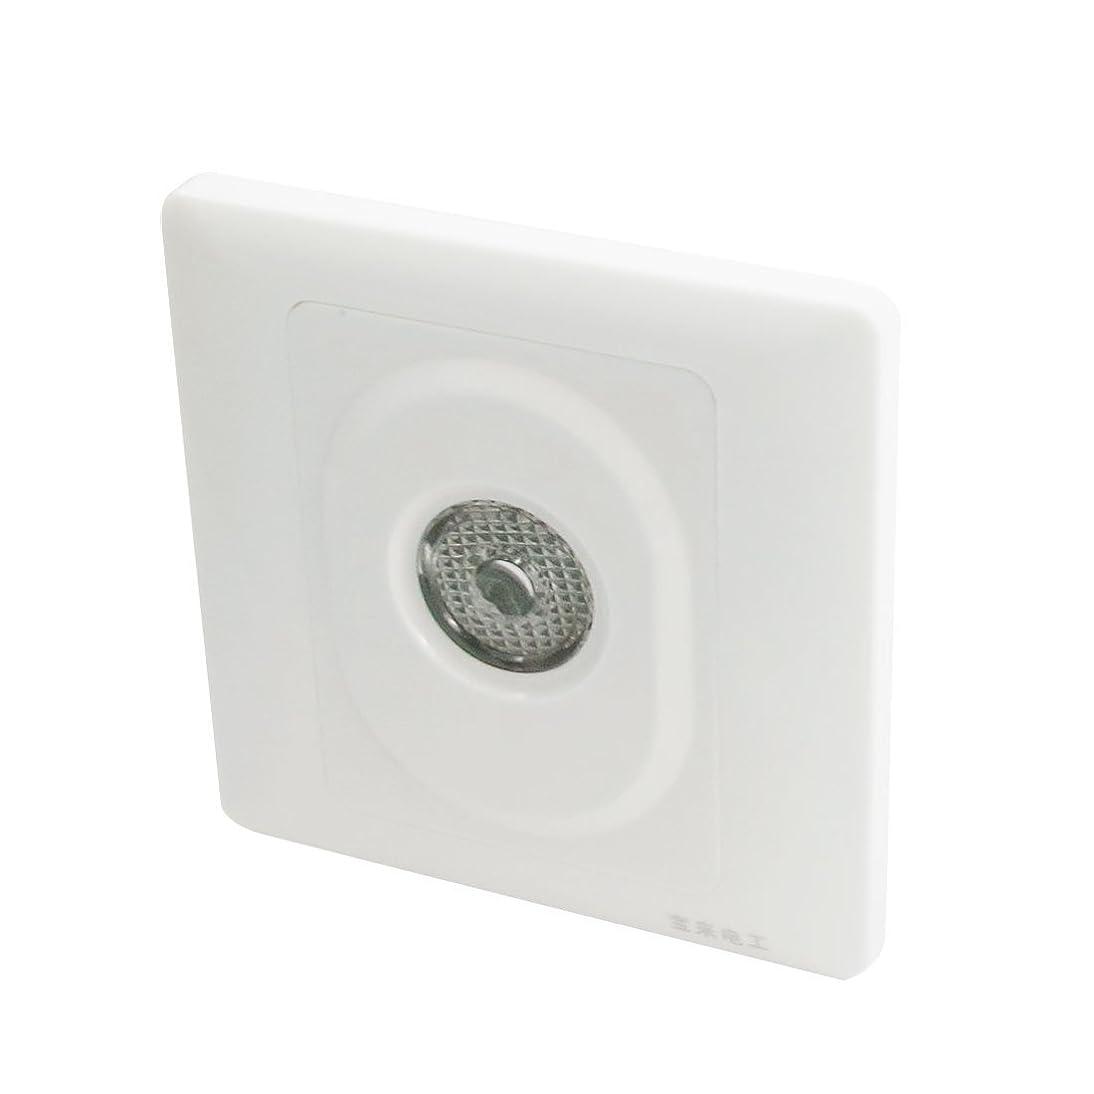 調停者感謝しているみなさんuxcell ライトスイッチ 白熱灯 自動 AC 22OV 60W